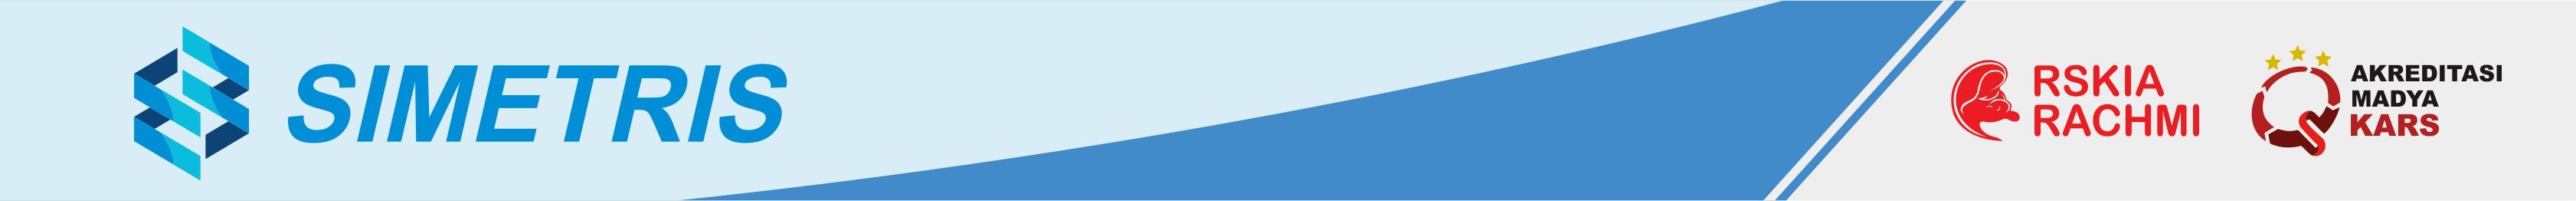 Gambar Bootstrap 3